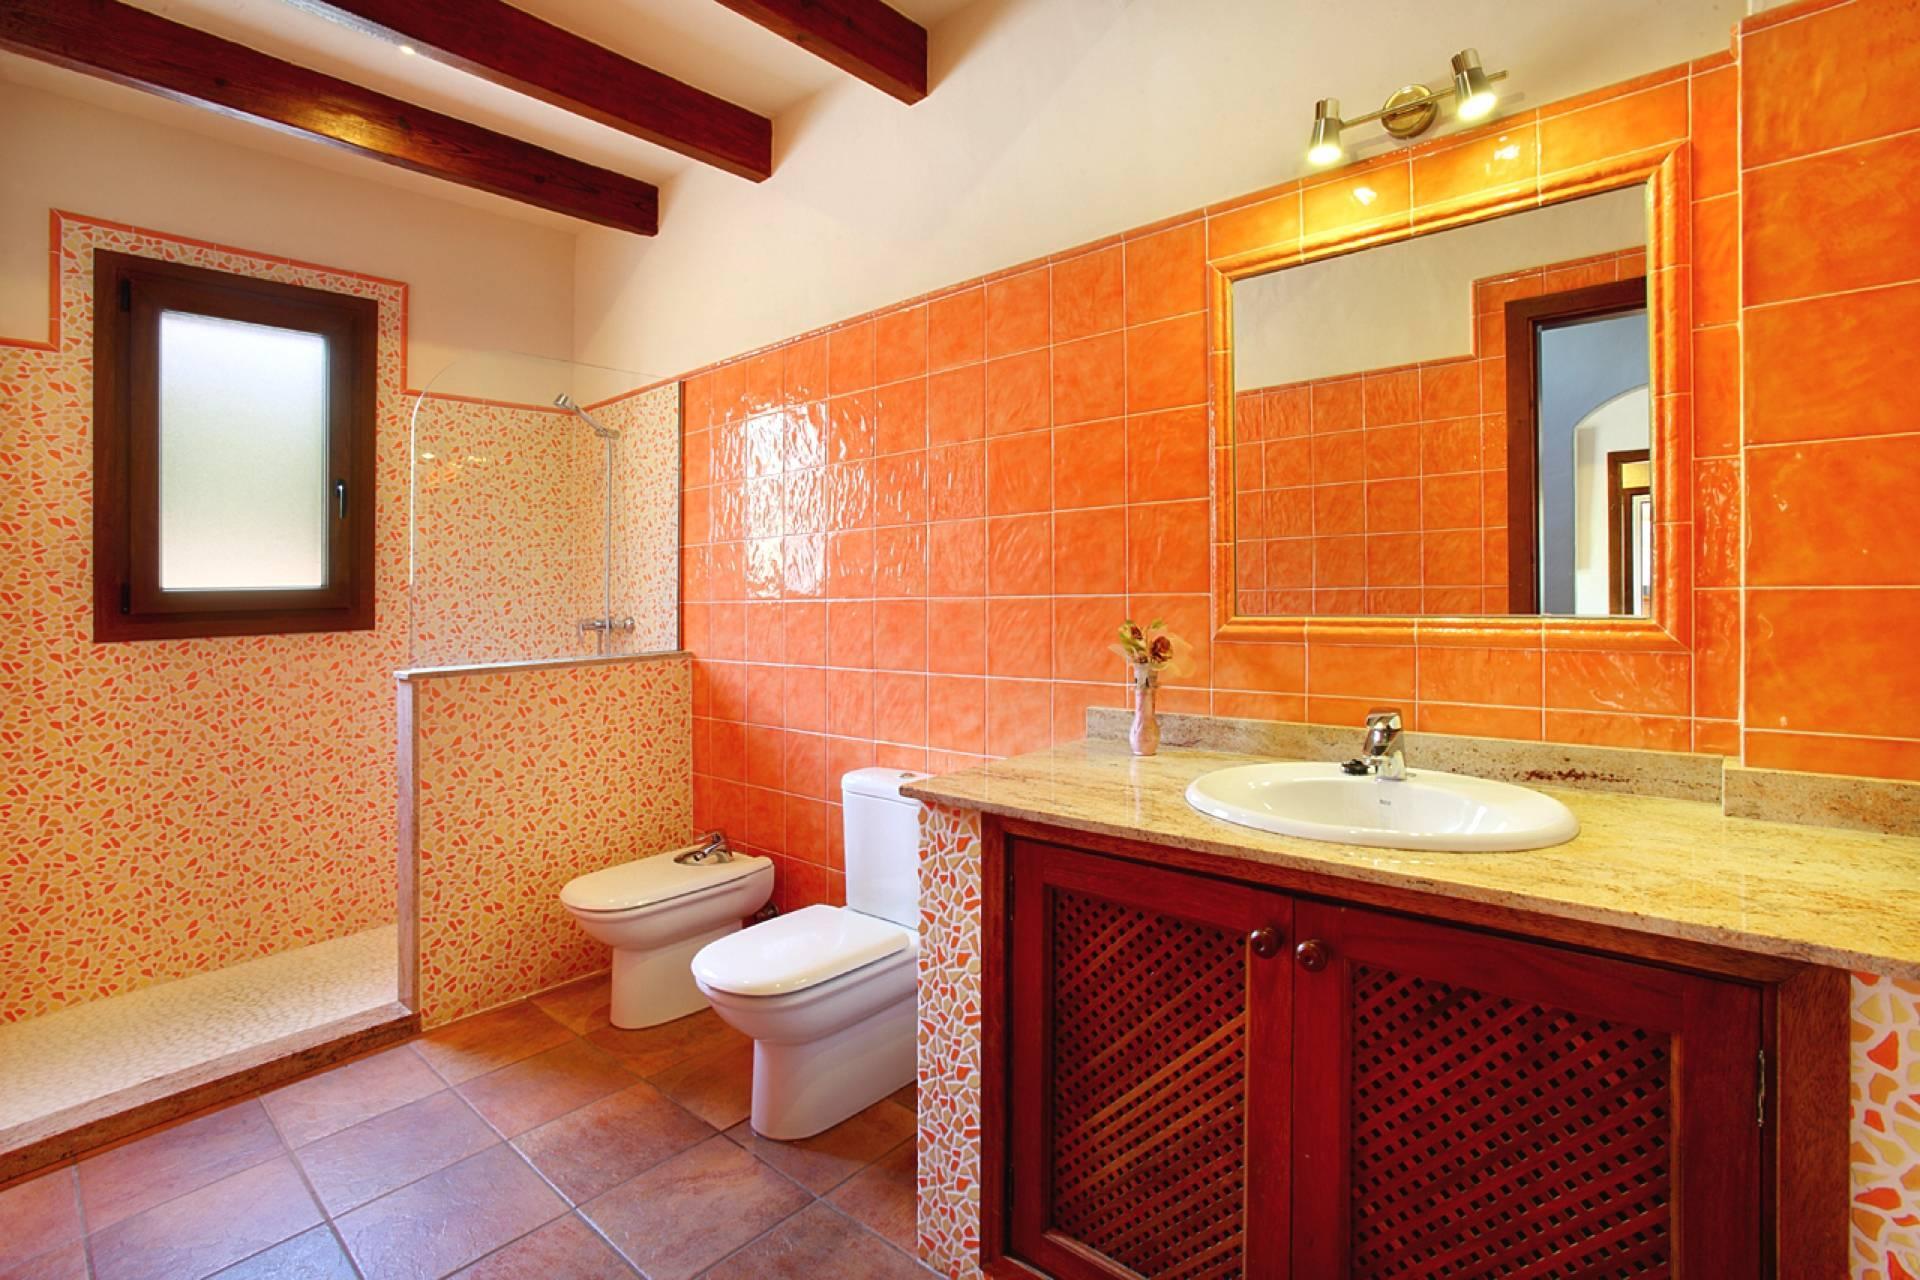 01-159 Ländliches Ferienhaus Mallorca Osten Bild 27